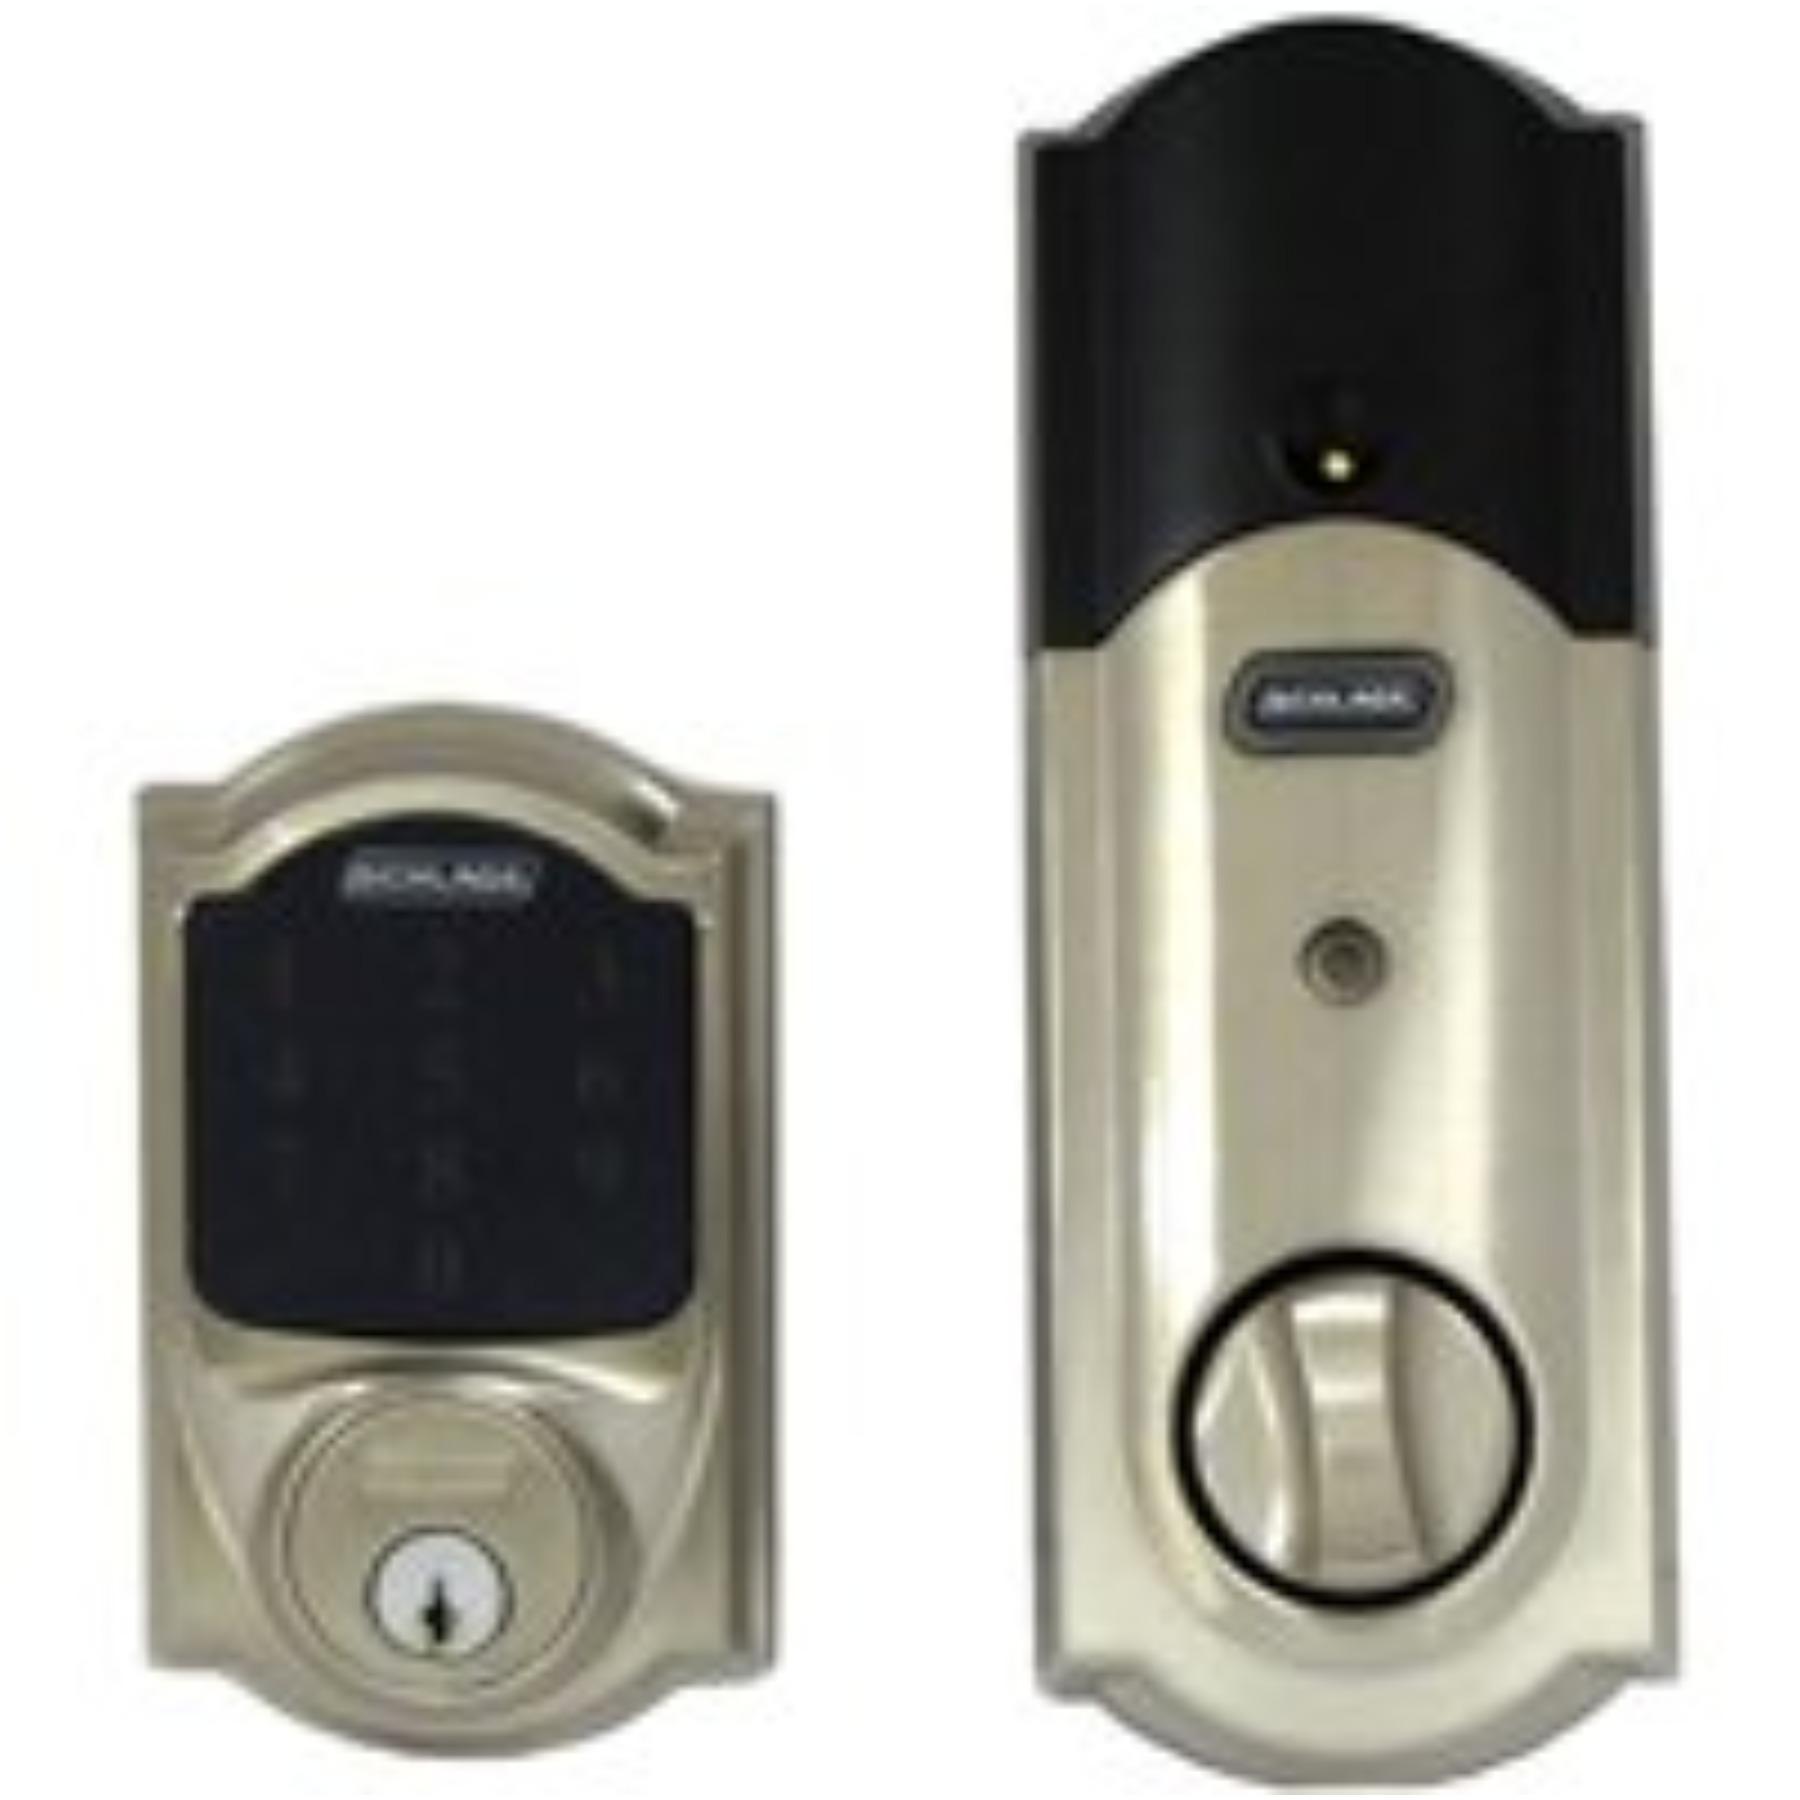 door knob with deadbolt built in photo - 9